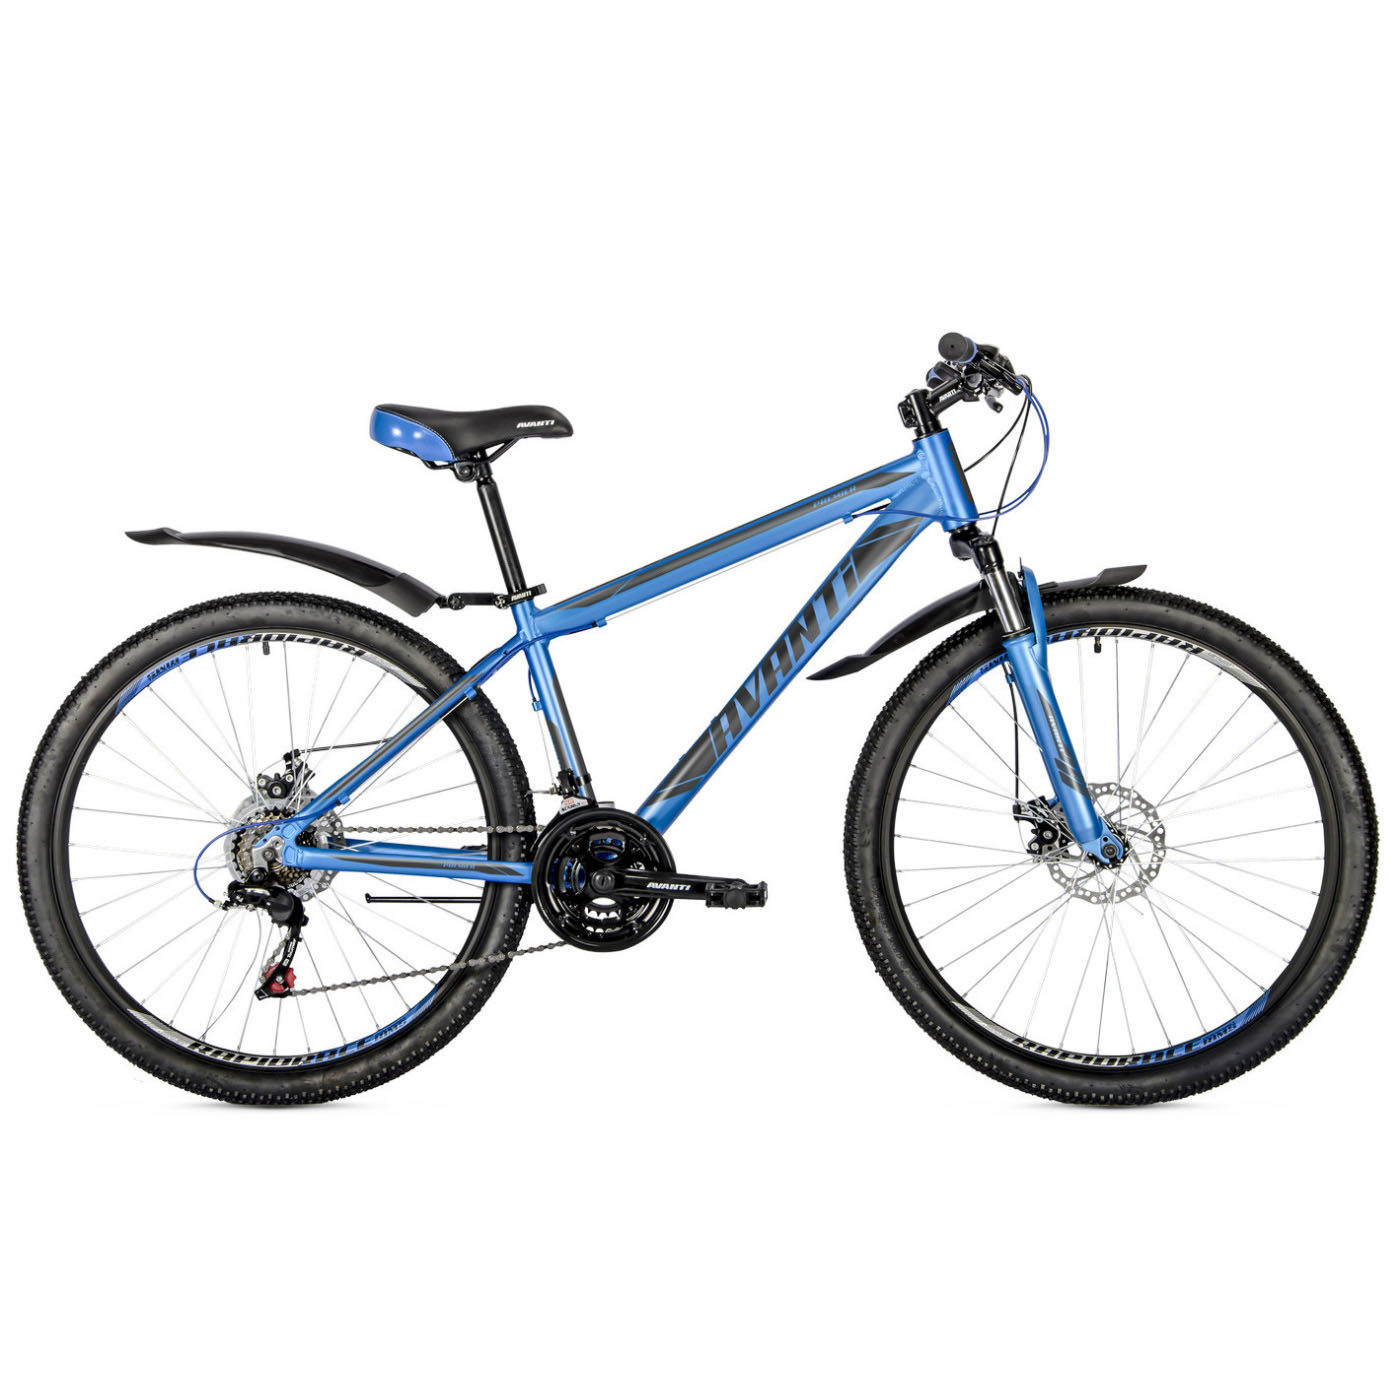 Фото Подростковый Велосипед 26 Avanti Premier disk 2018 синий